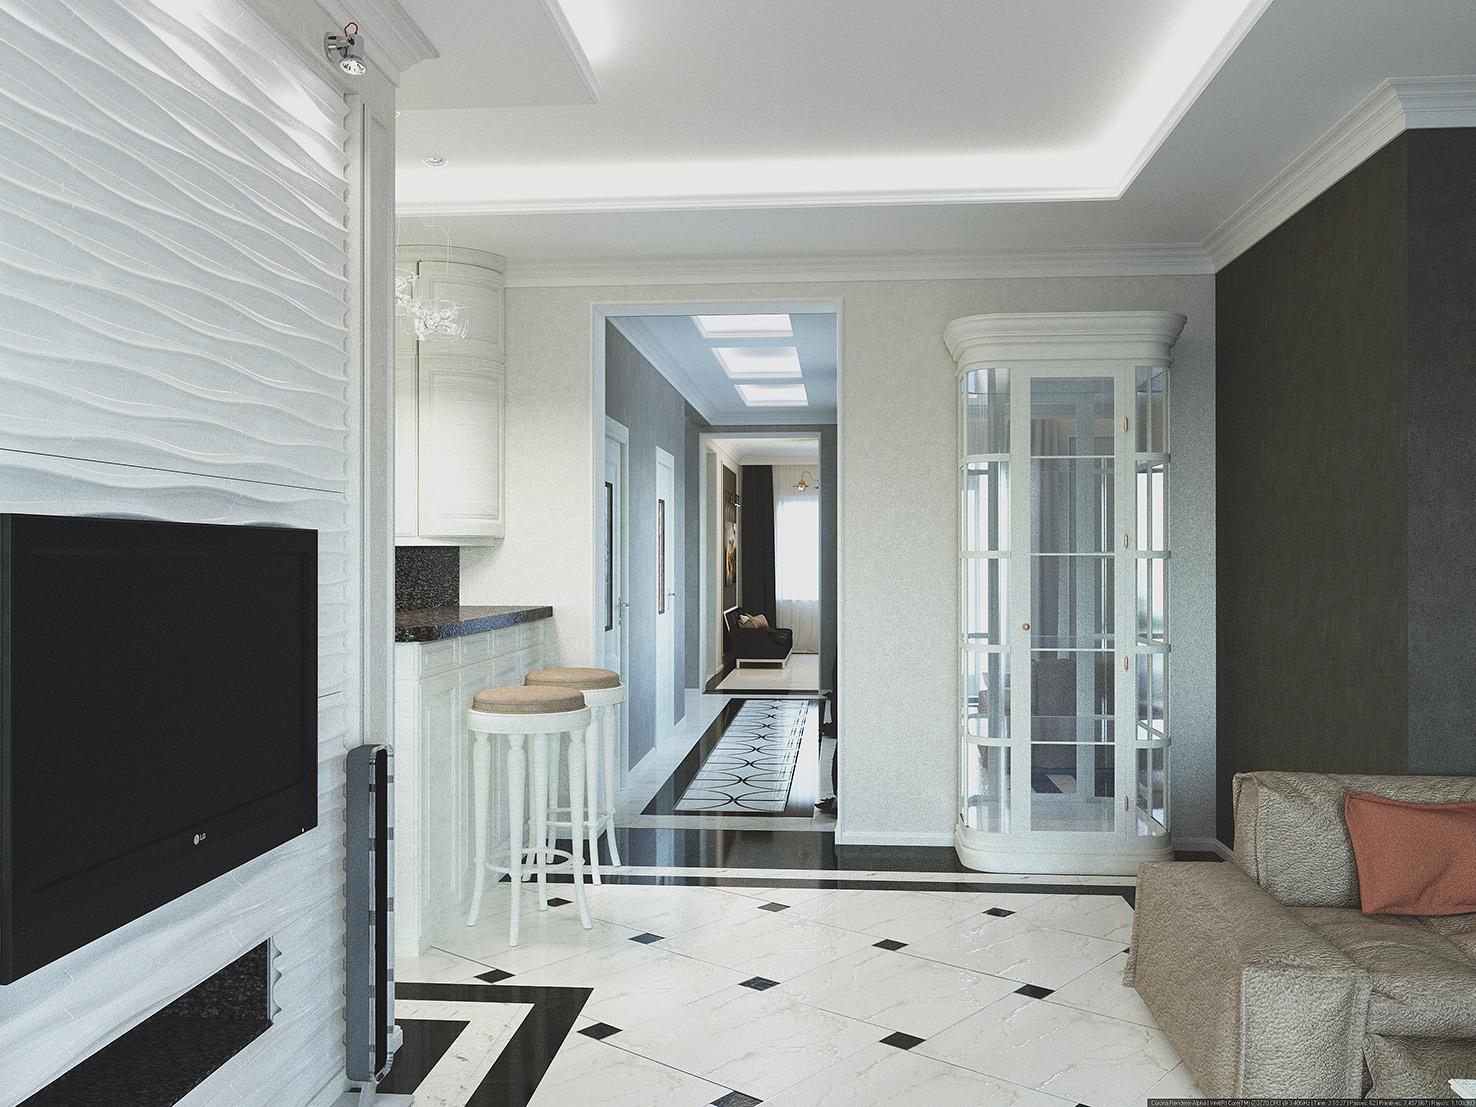 дизайн дома в светлых тонах